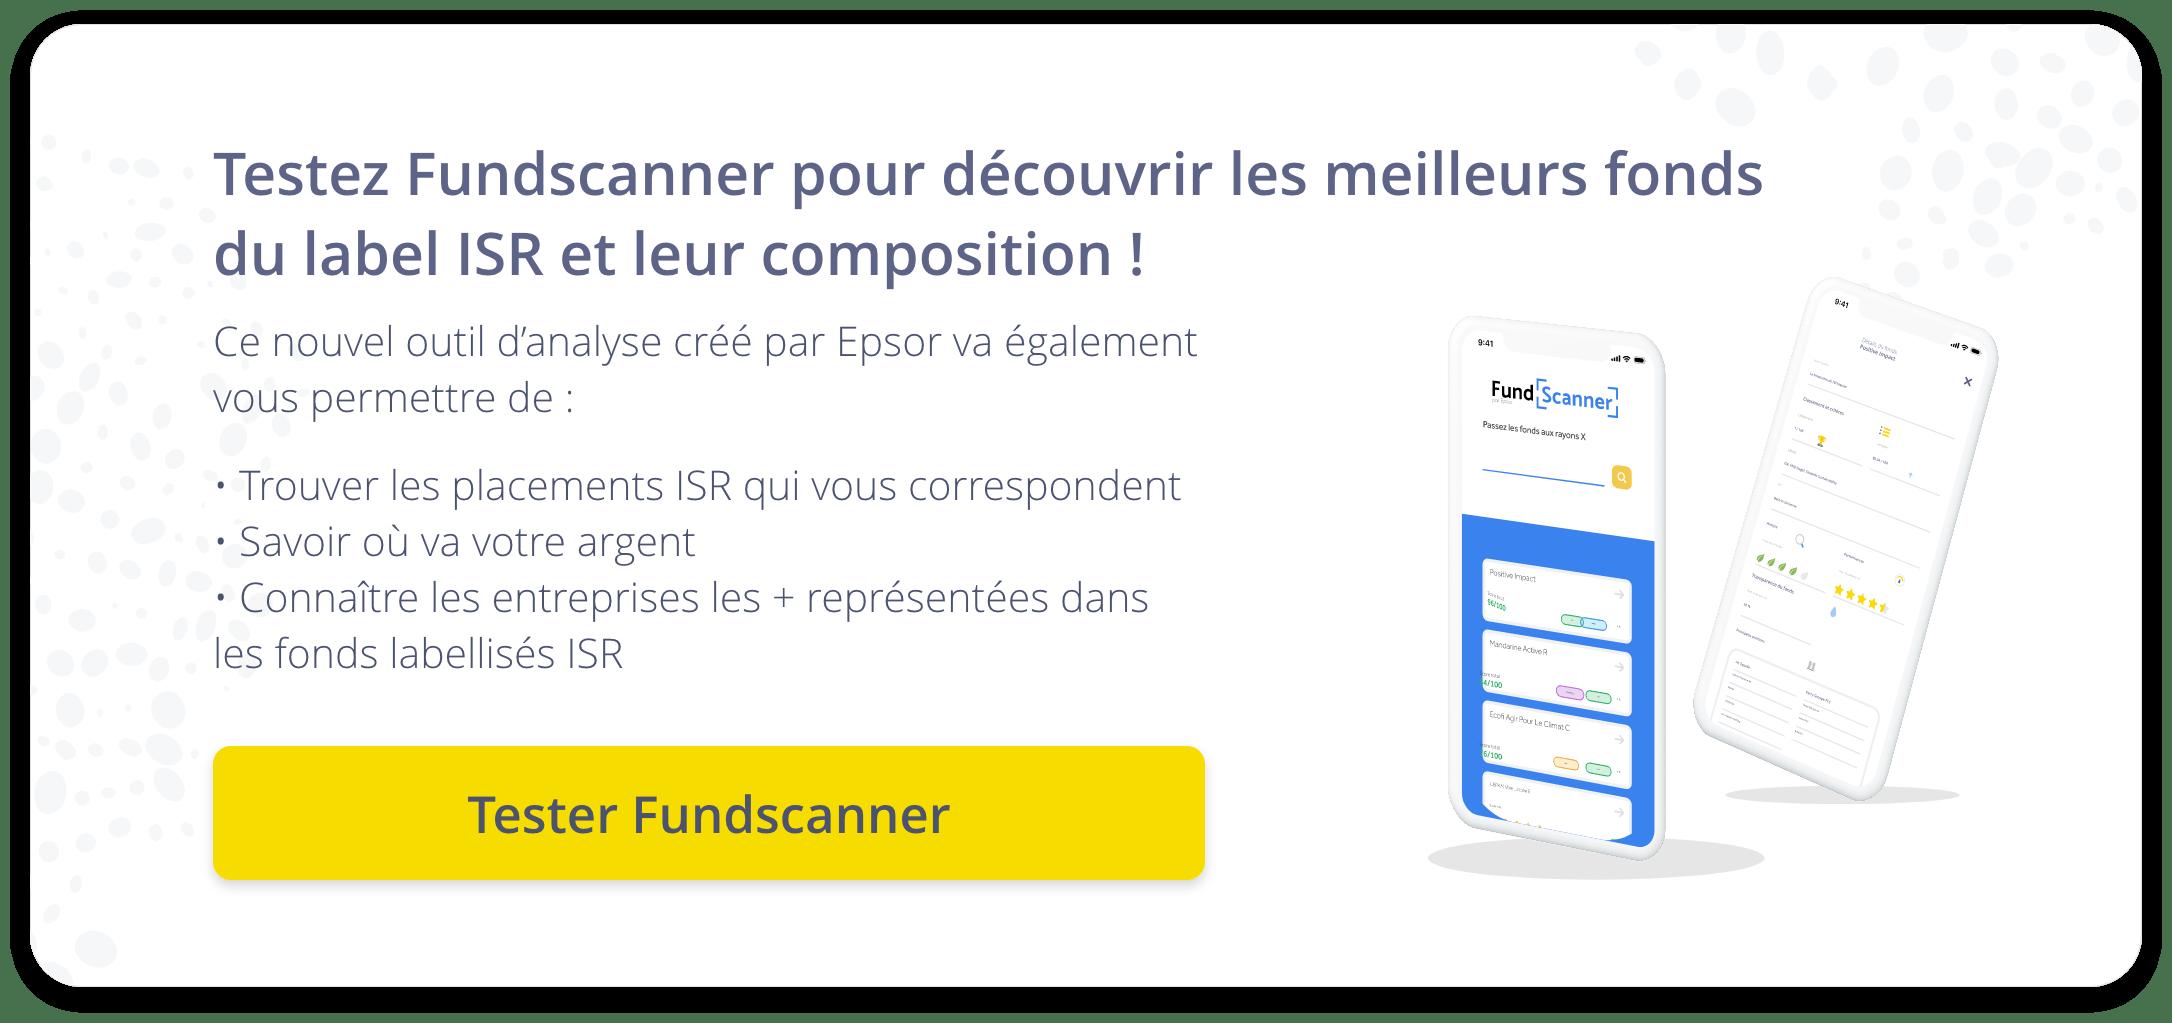 https://fundscanner.fr/?utm_source=blog&utm_medium=article&utm_campaign=fundscanner&utm_content=cta